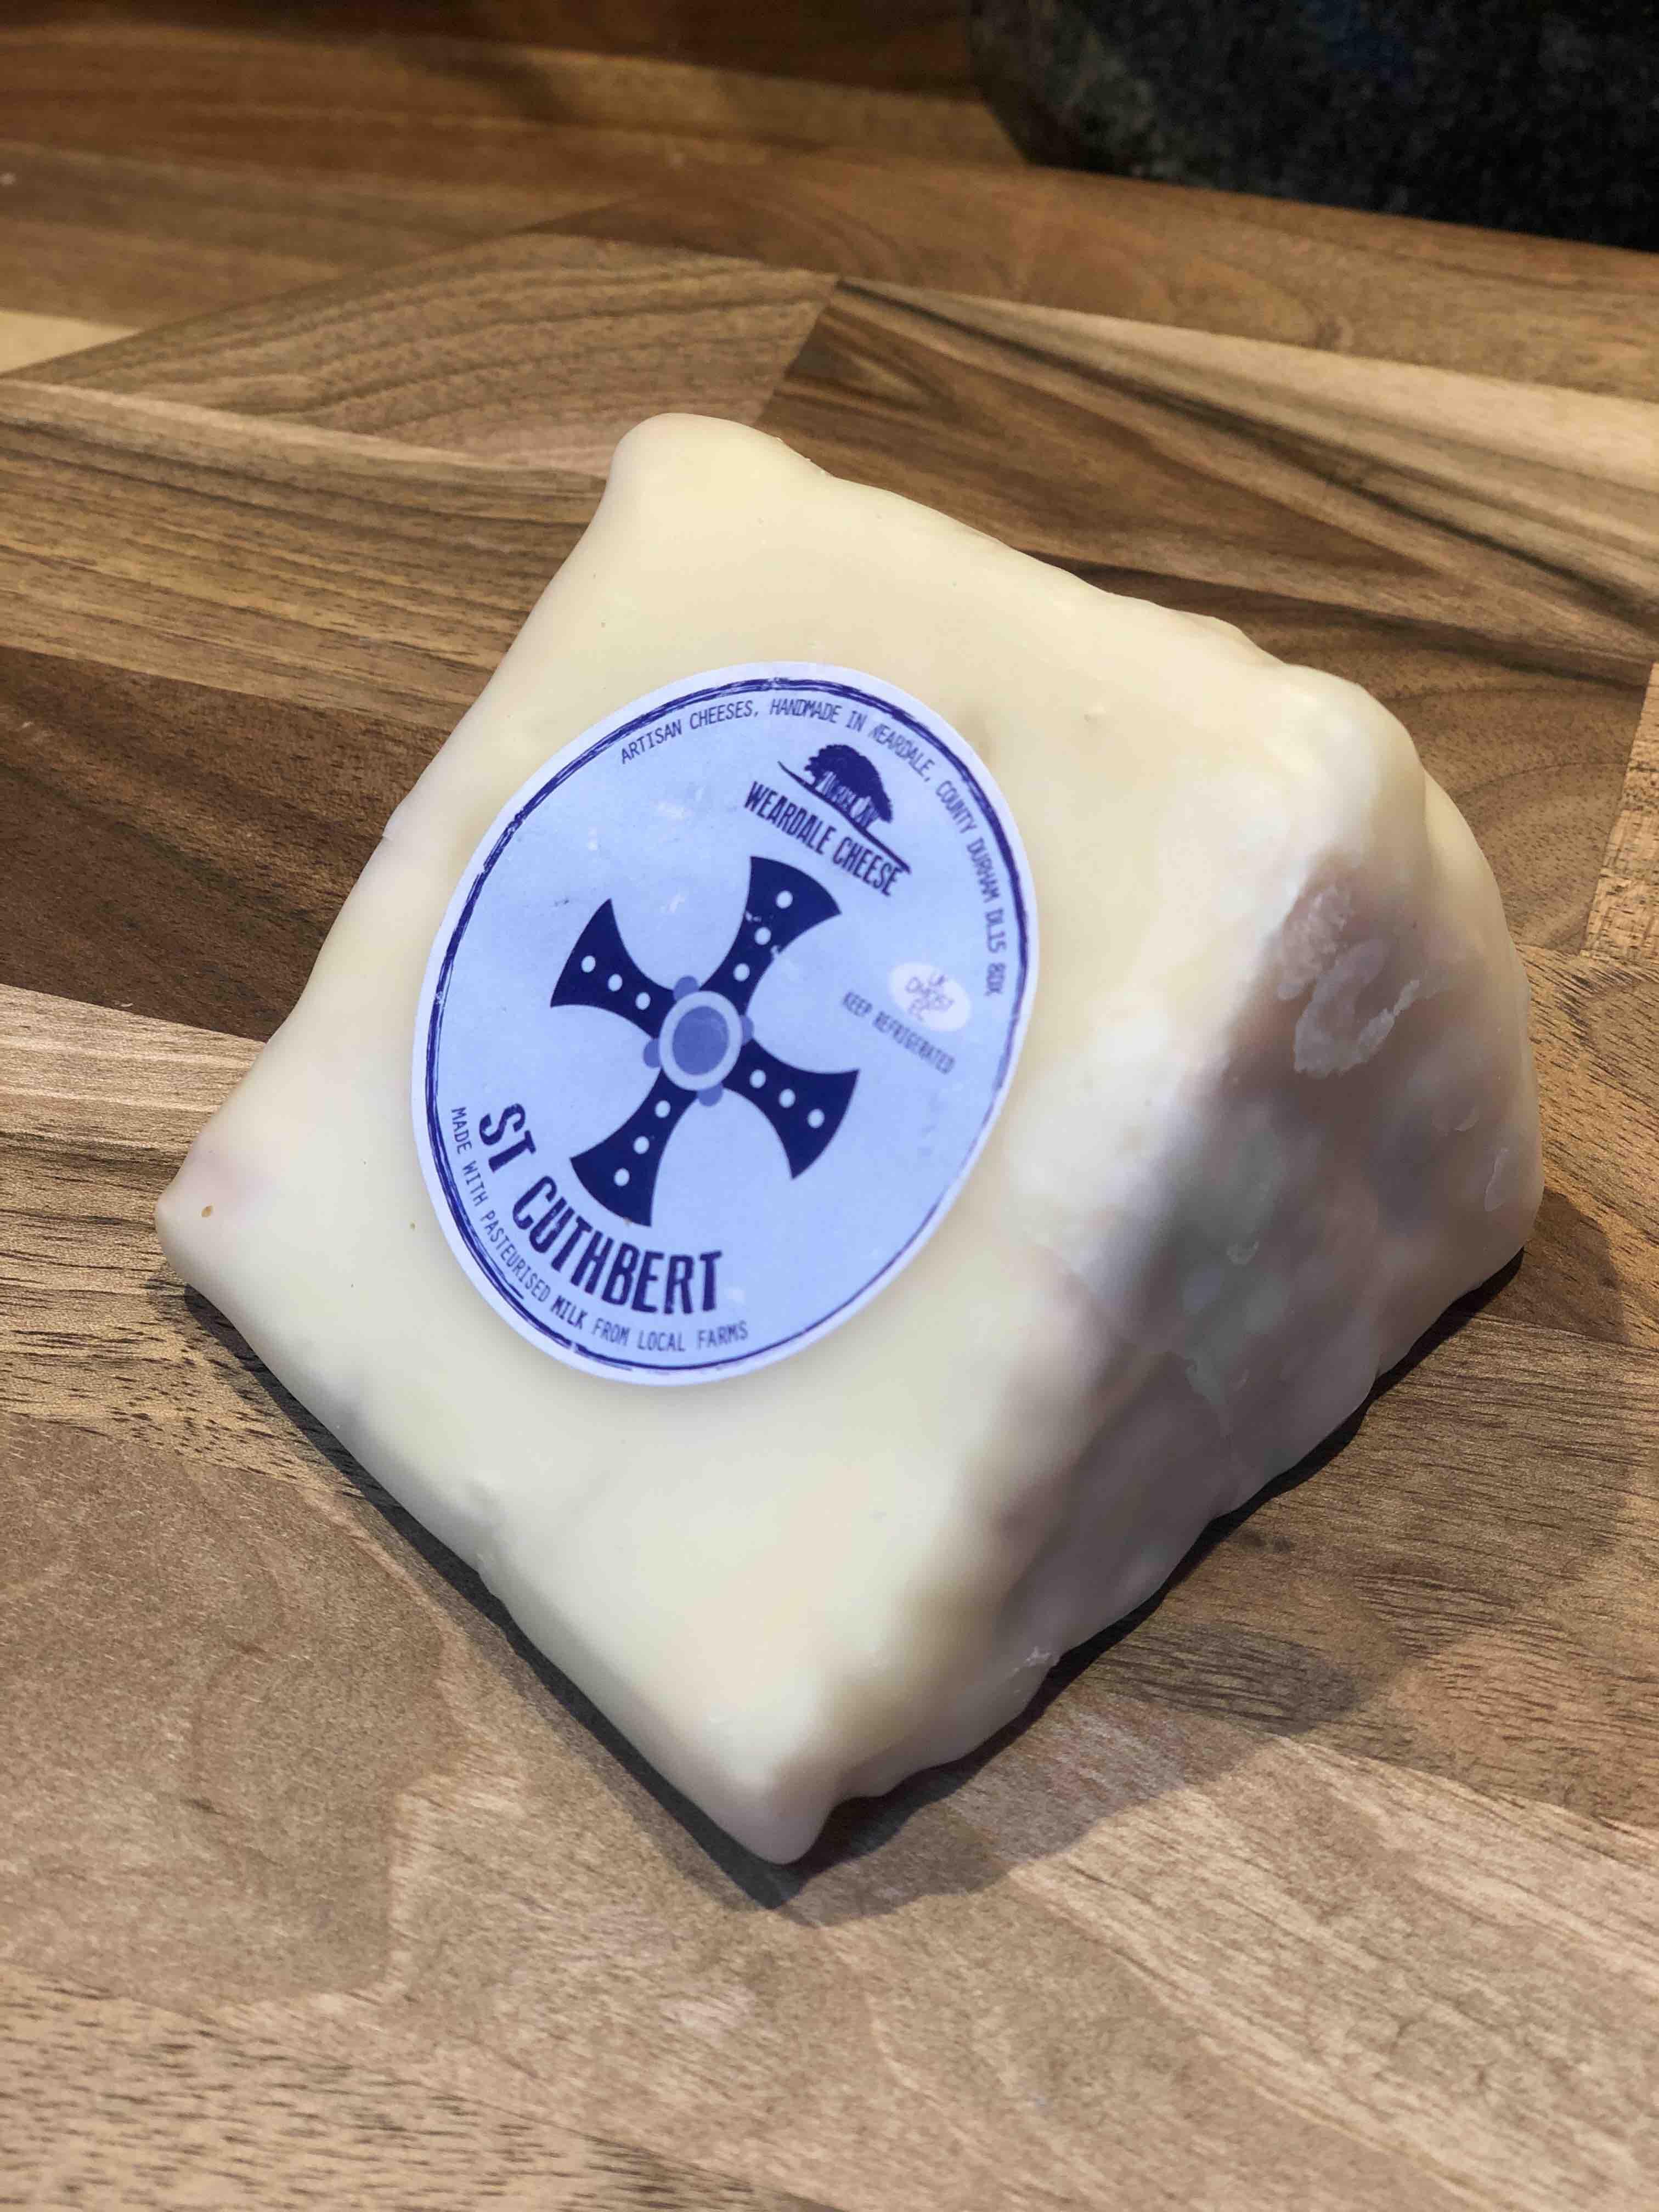 Weardale Cheese 'St Cuthbert' (160g)